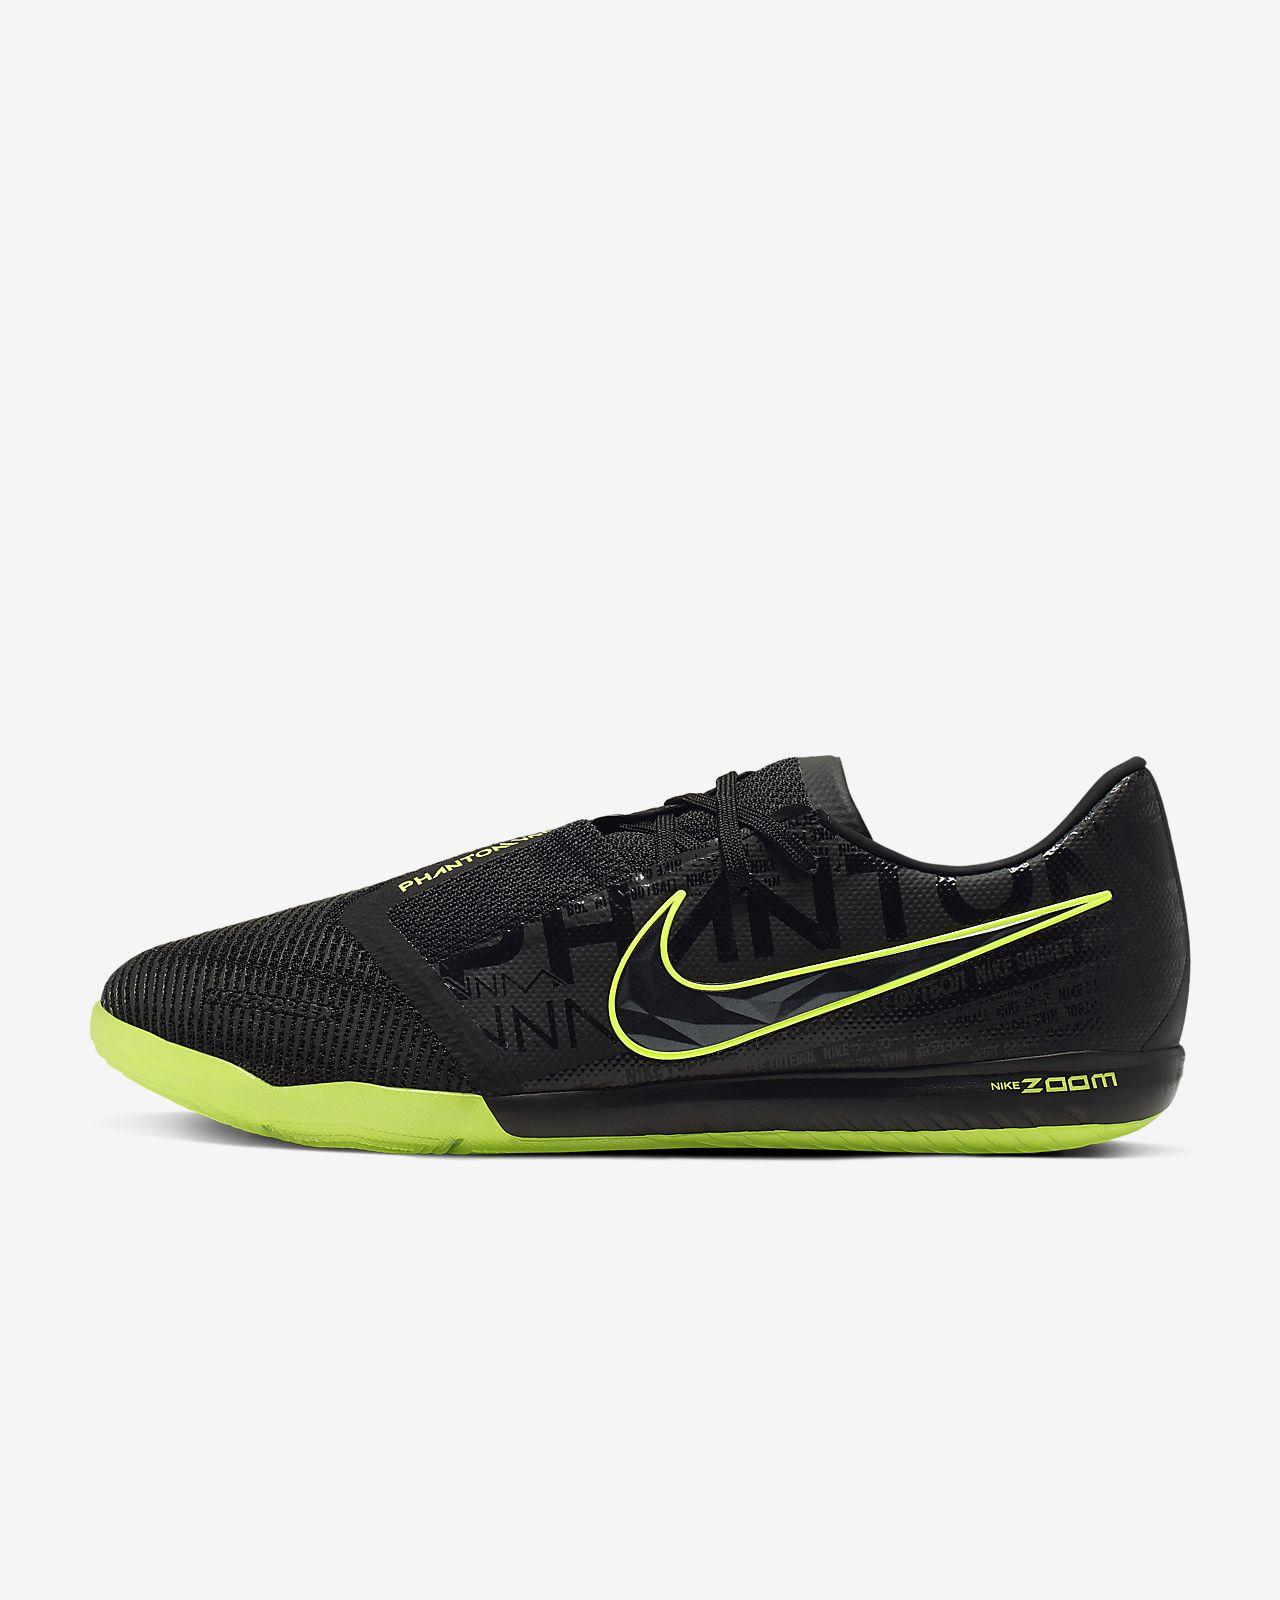 Fotbollssko för inomhusplan/futsal/street Nike Zoom Phantom Venom Pro IC